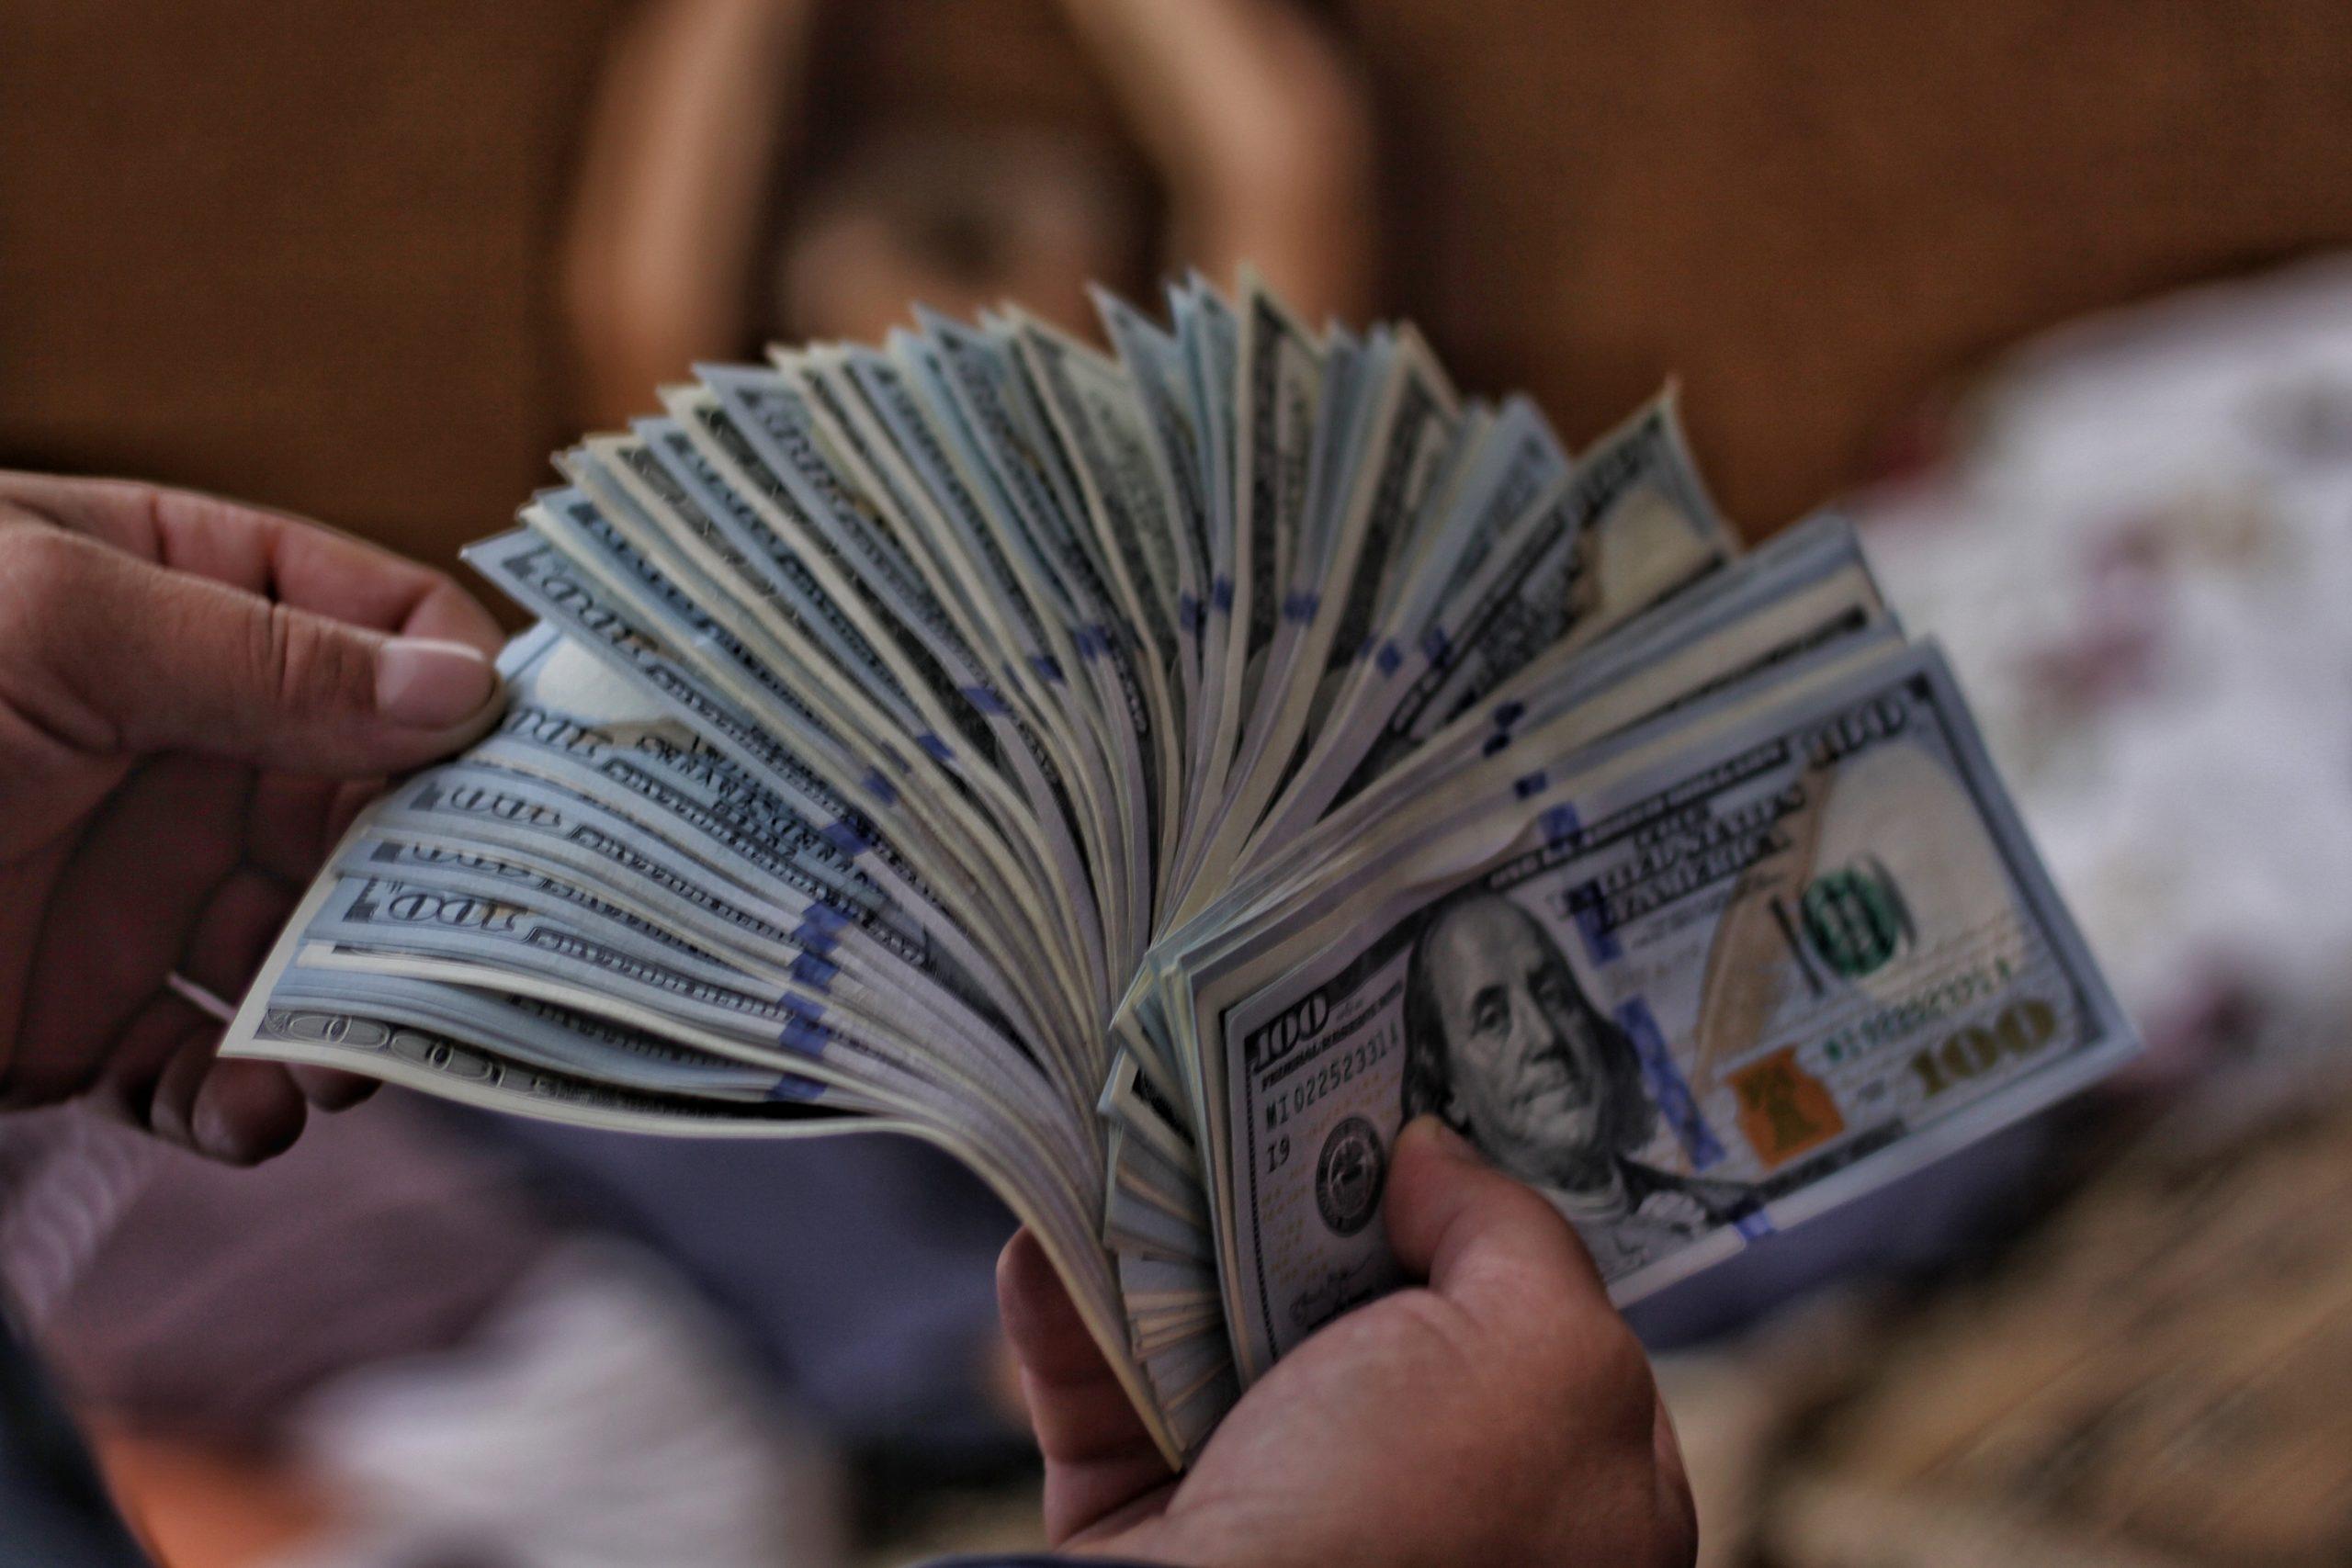 Indeks Dolar AS Tergelincir, Turun Hampir 1%